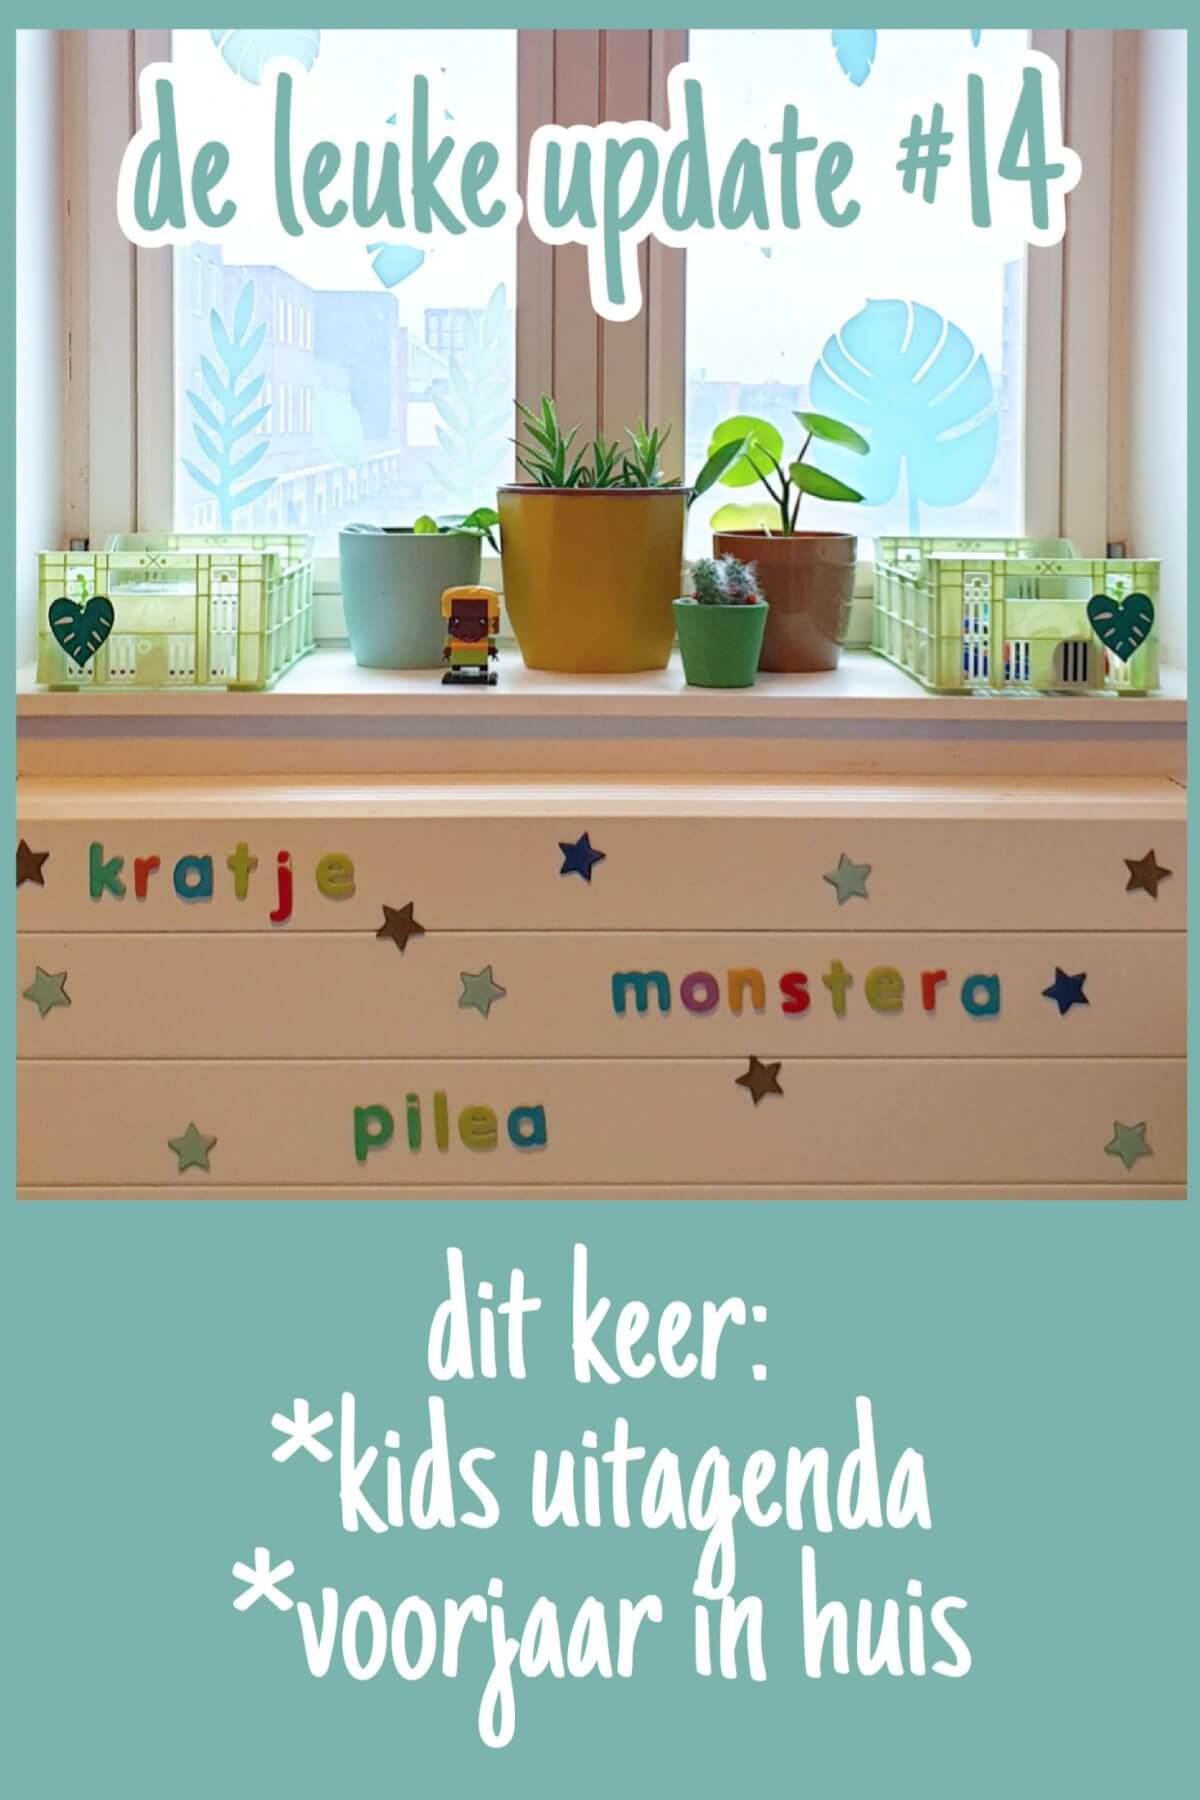 De Leuke Update #14 | voorjaar in huis & kids uitagenda